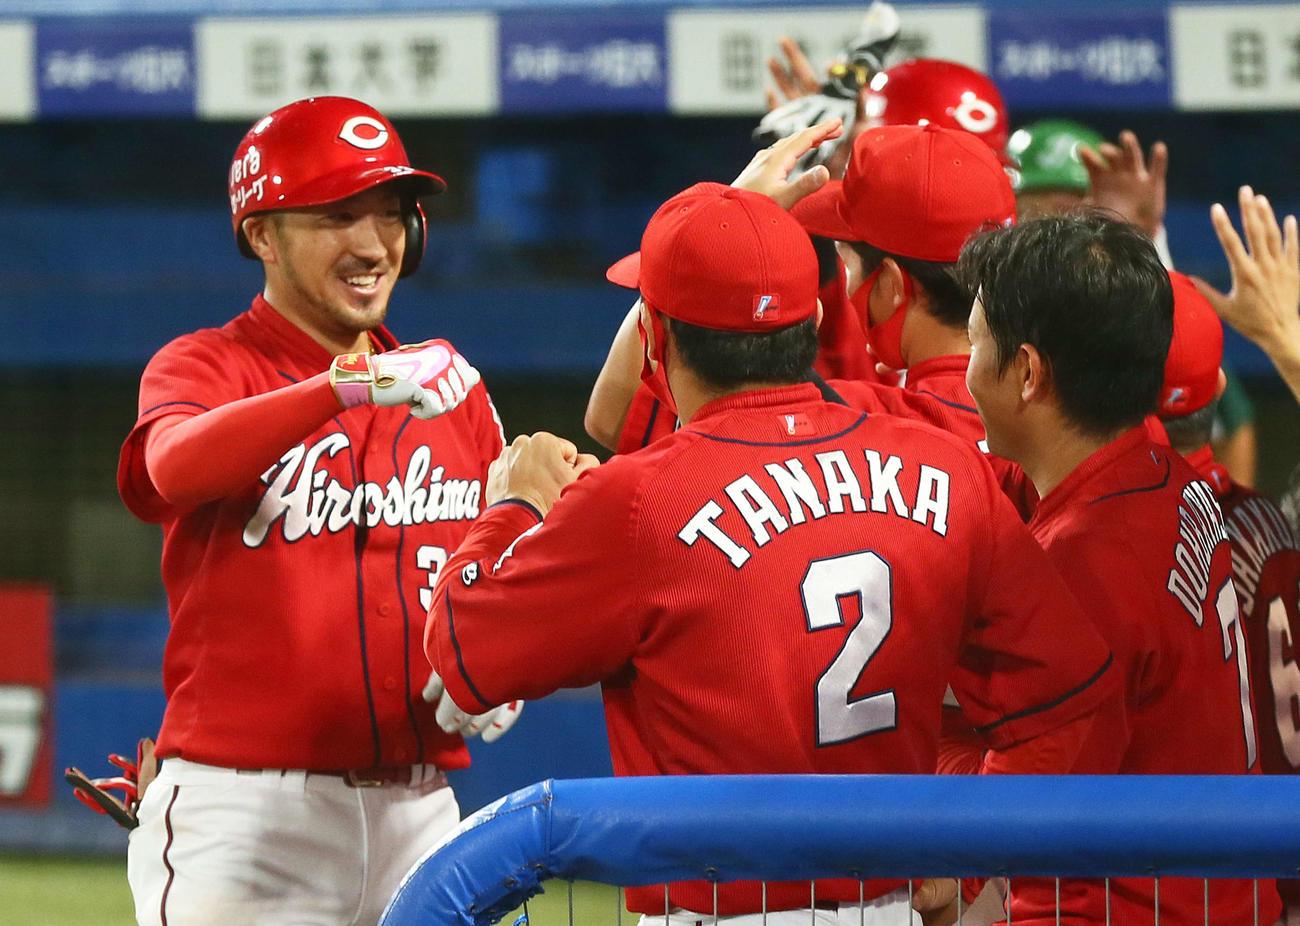 ヤクルト対広島 4回表広島無死一塁、菊池涼は右越え2点本塁打を放ち笑顔でタッチを交わす(撮影・足立雅史)